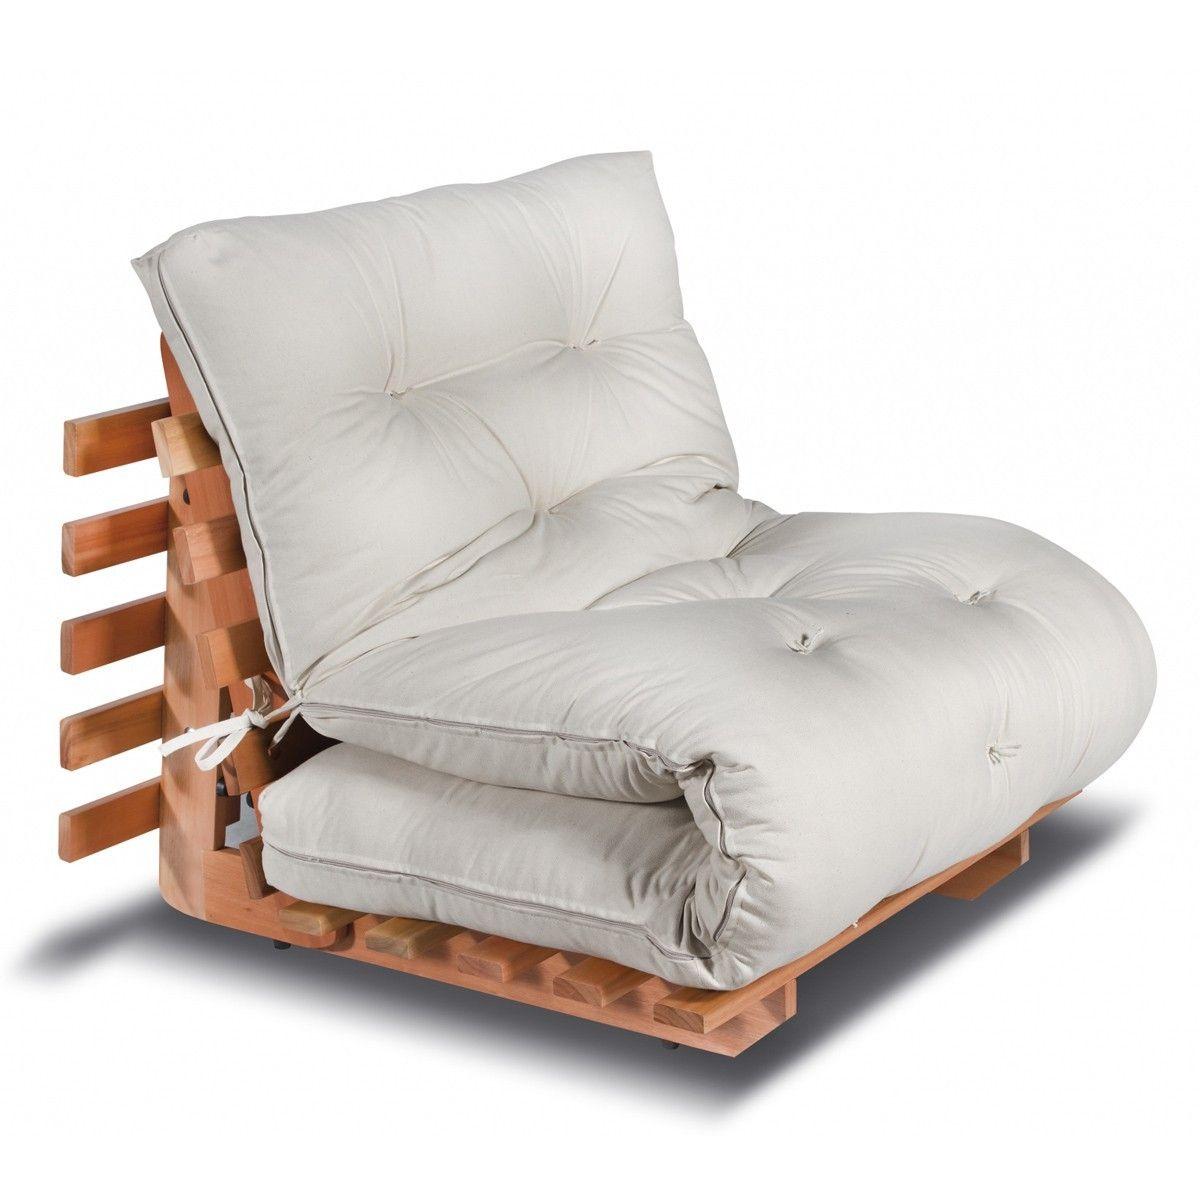 O Sofá Cama Futon Japonês Solteiro Com Estrutura Off White é A Combinação Perfeita Para Ser